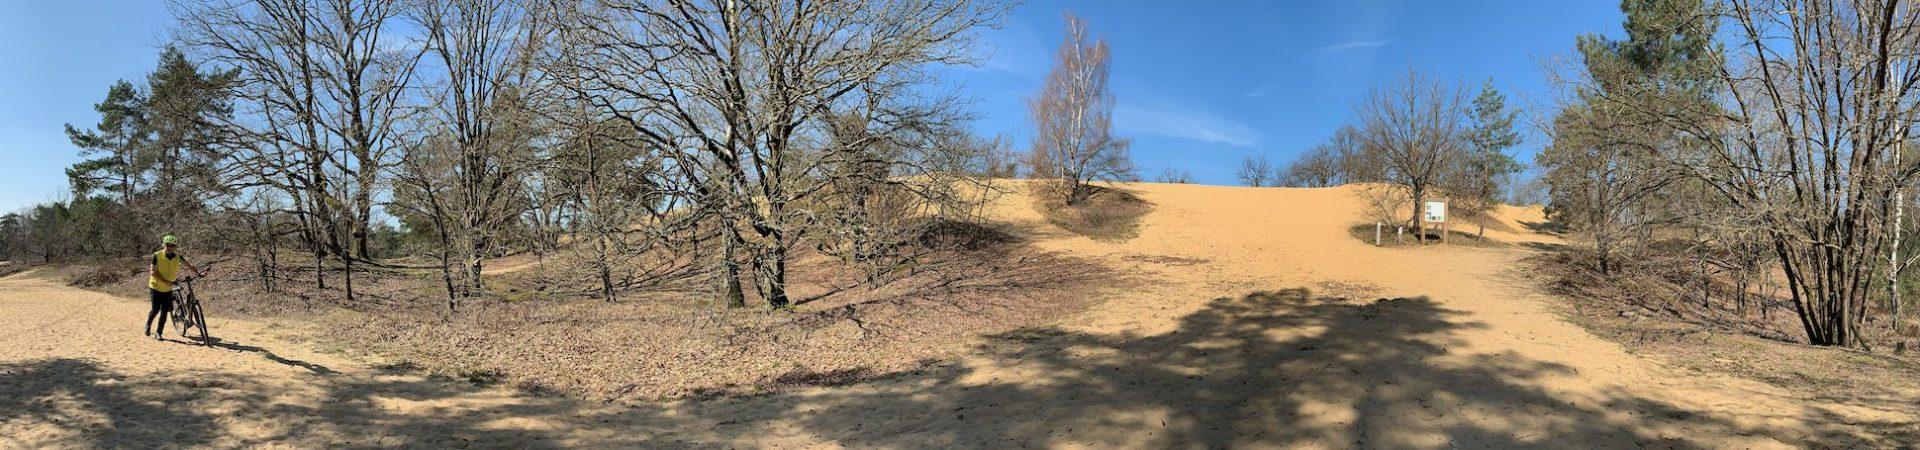 Fietsroute, fietsblog, fietsparadijs, duinengordel, Oudsbergen, Oudsbergen, zandduin, landduin